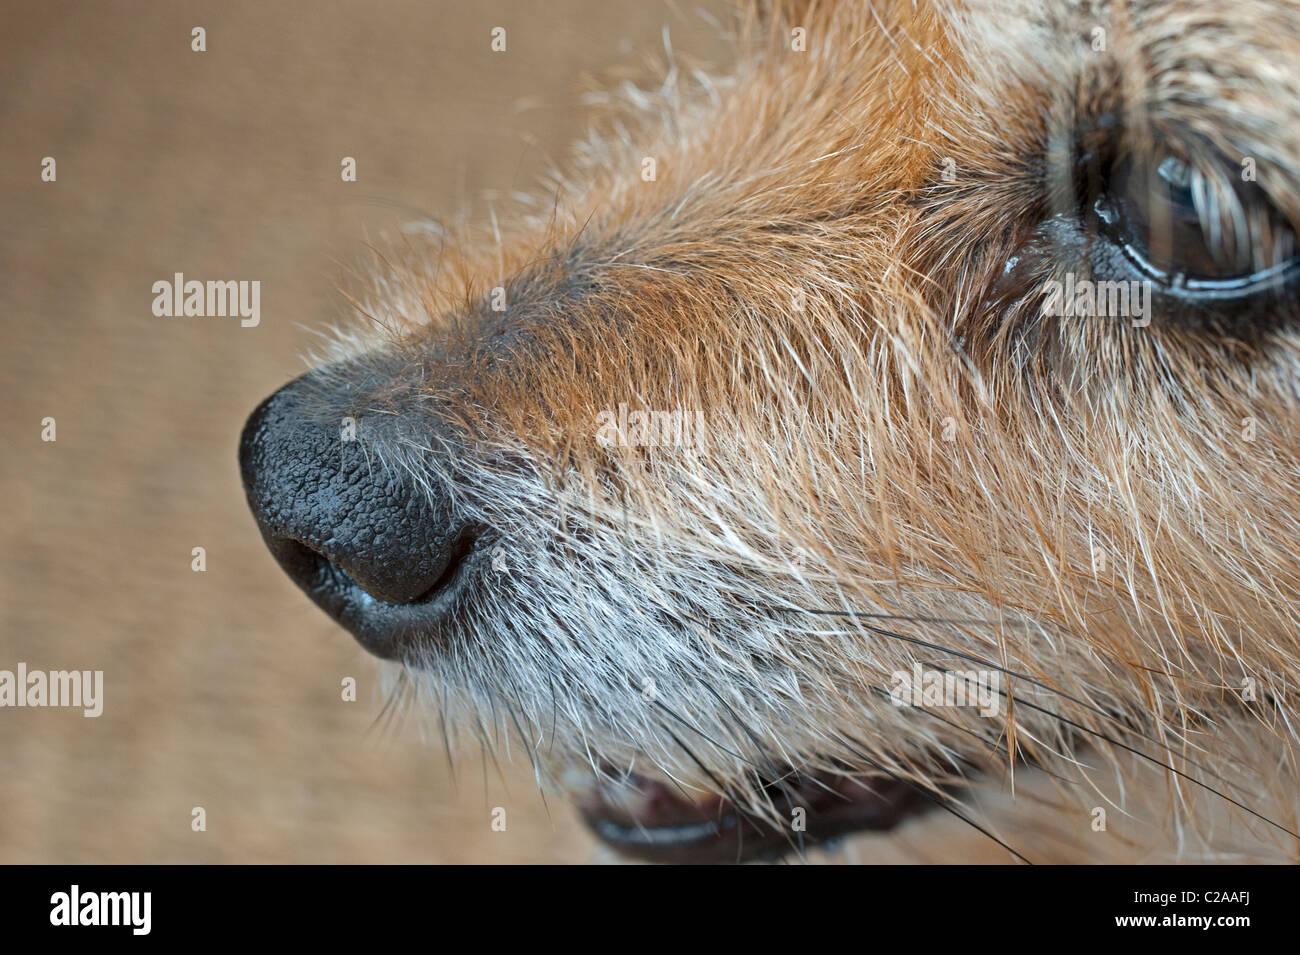 Die Nase des Hundes ist wohl, dass es wichtige und sensible Sinnesorgan des Menschen ist Stockbild